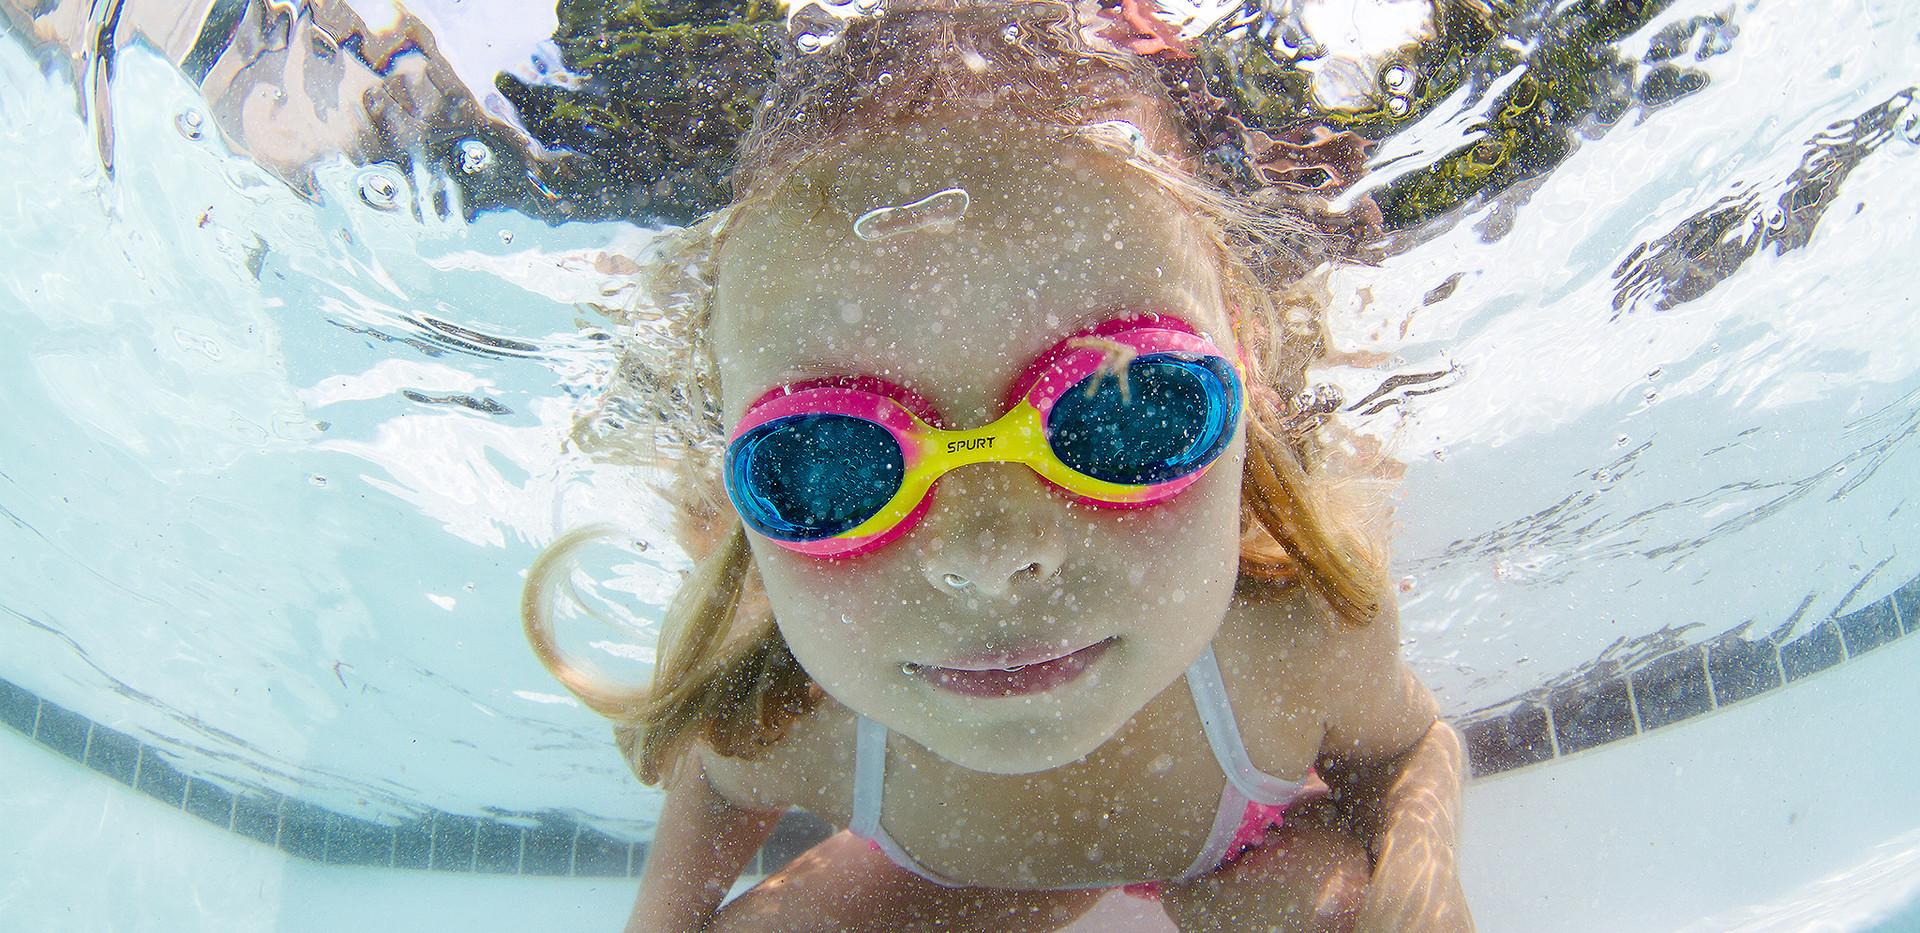 005_jnr9858swimming14cestari_m 2048.jpg